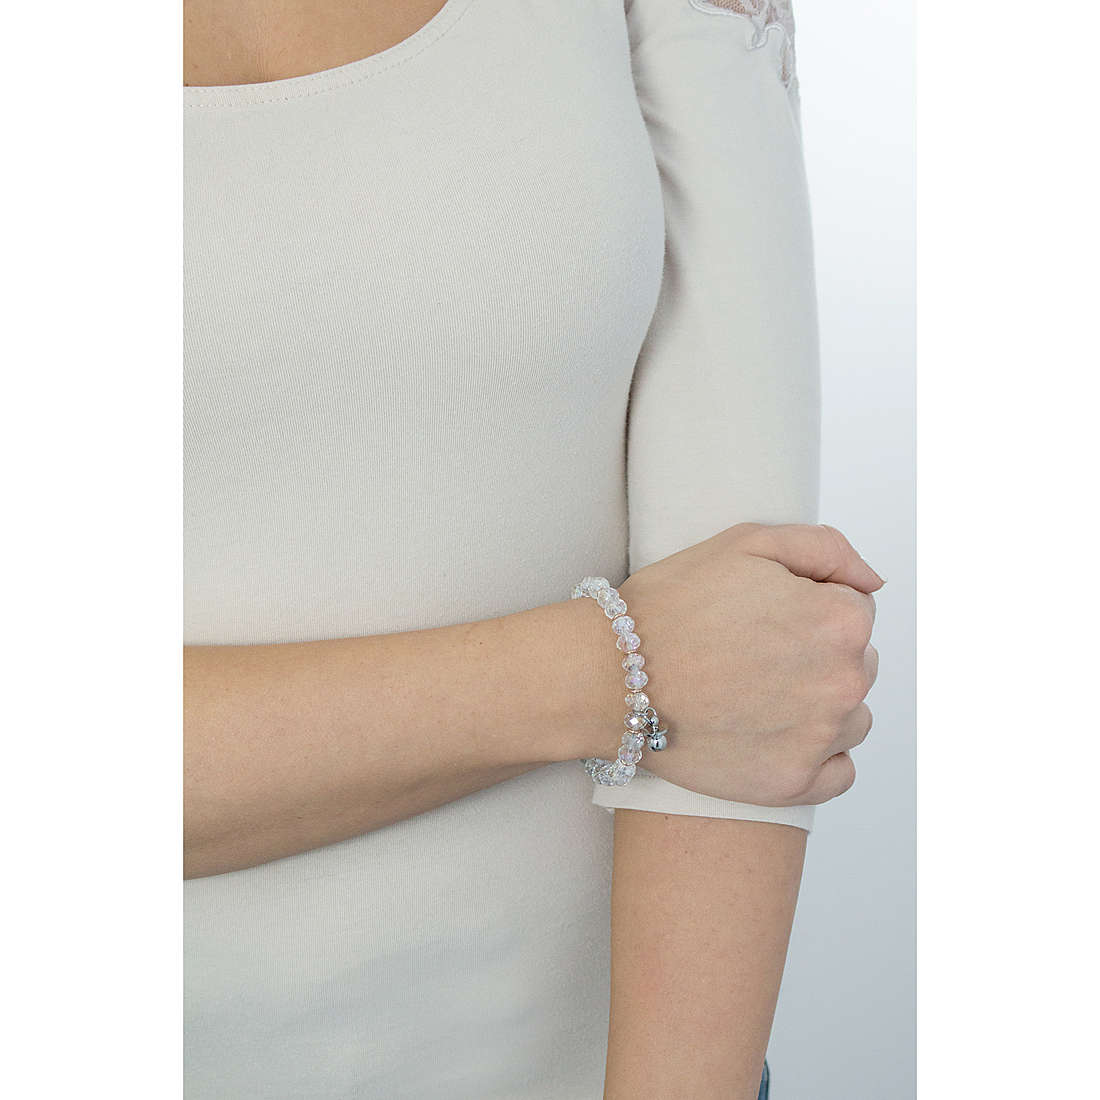 Luca Barra bracelets femme LBBK1245 photo wearing